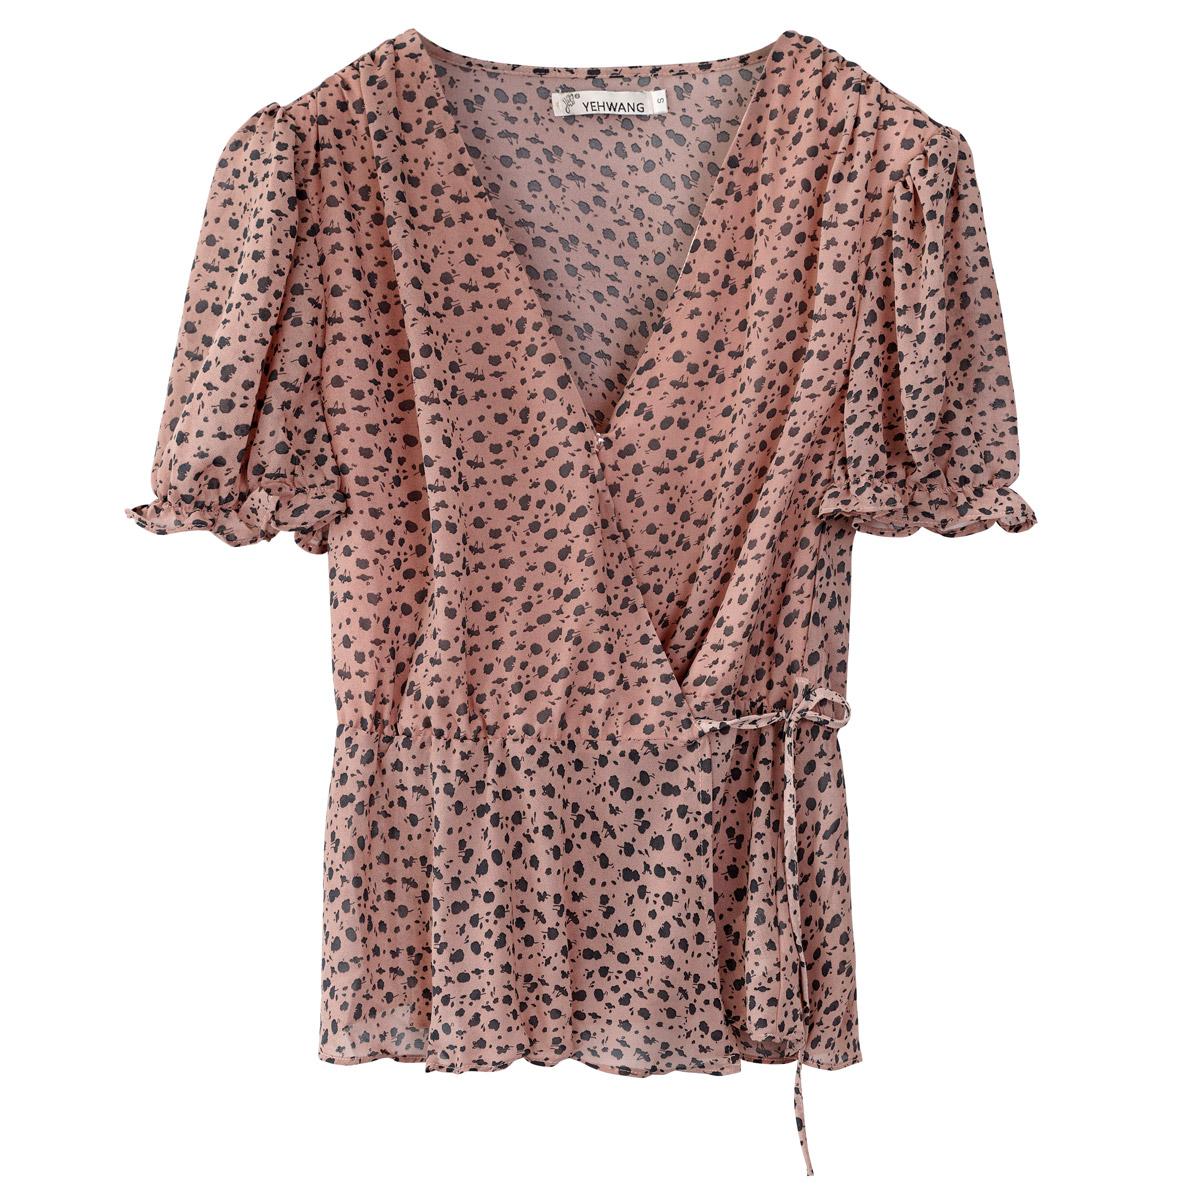 Eingewickelte bluse mit kurzen Ärmeln